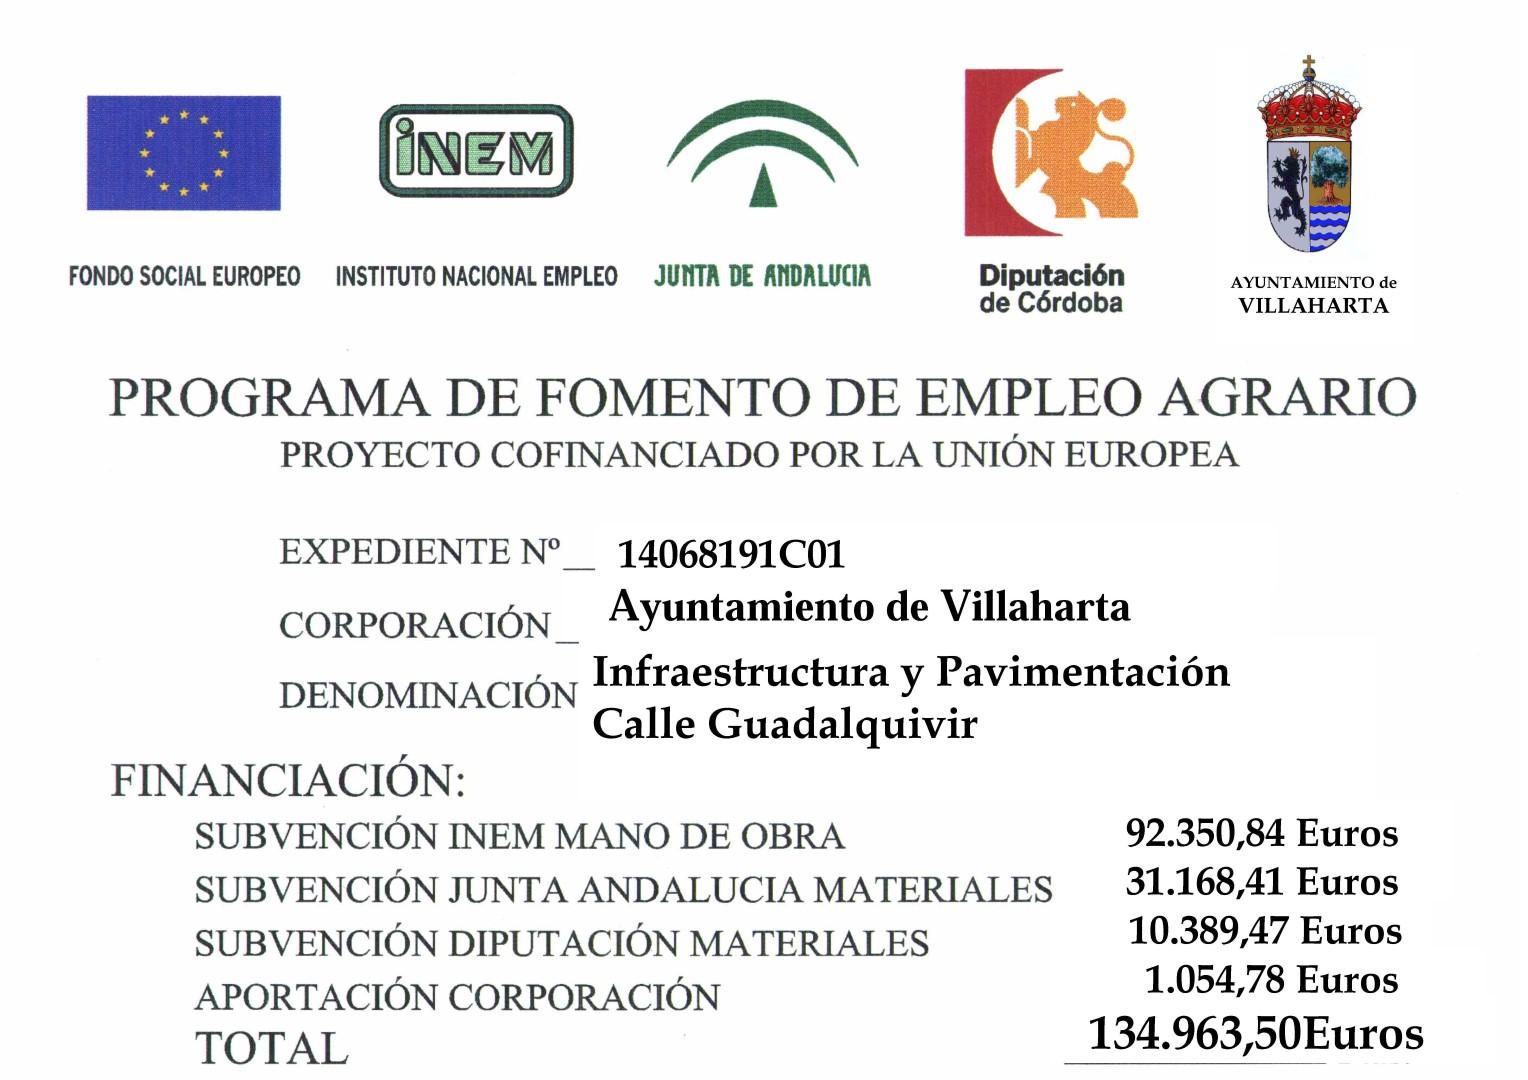 SUBVENCIONES RECIBIDAS 2019 12